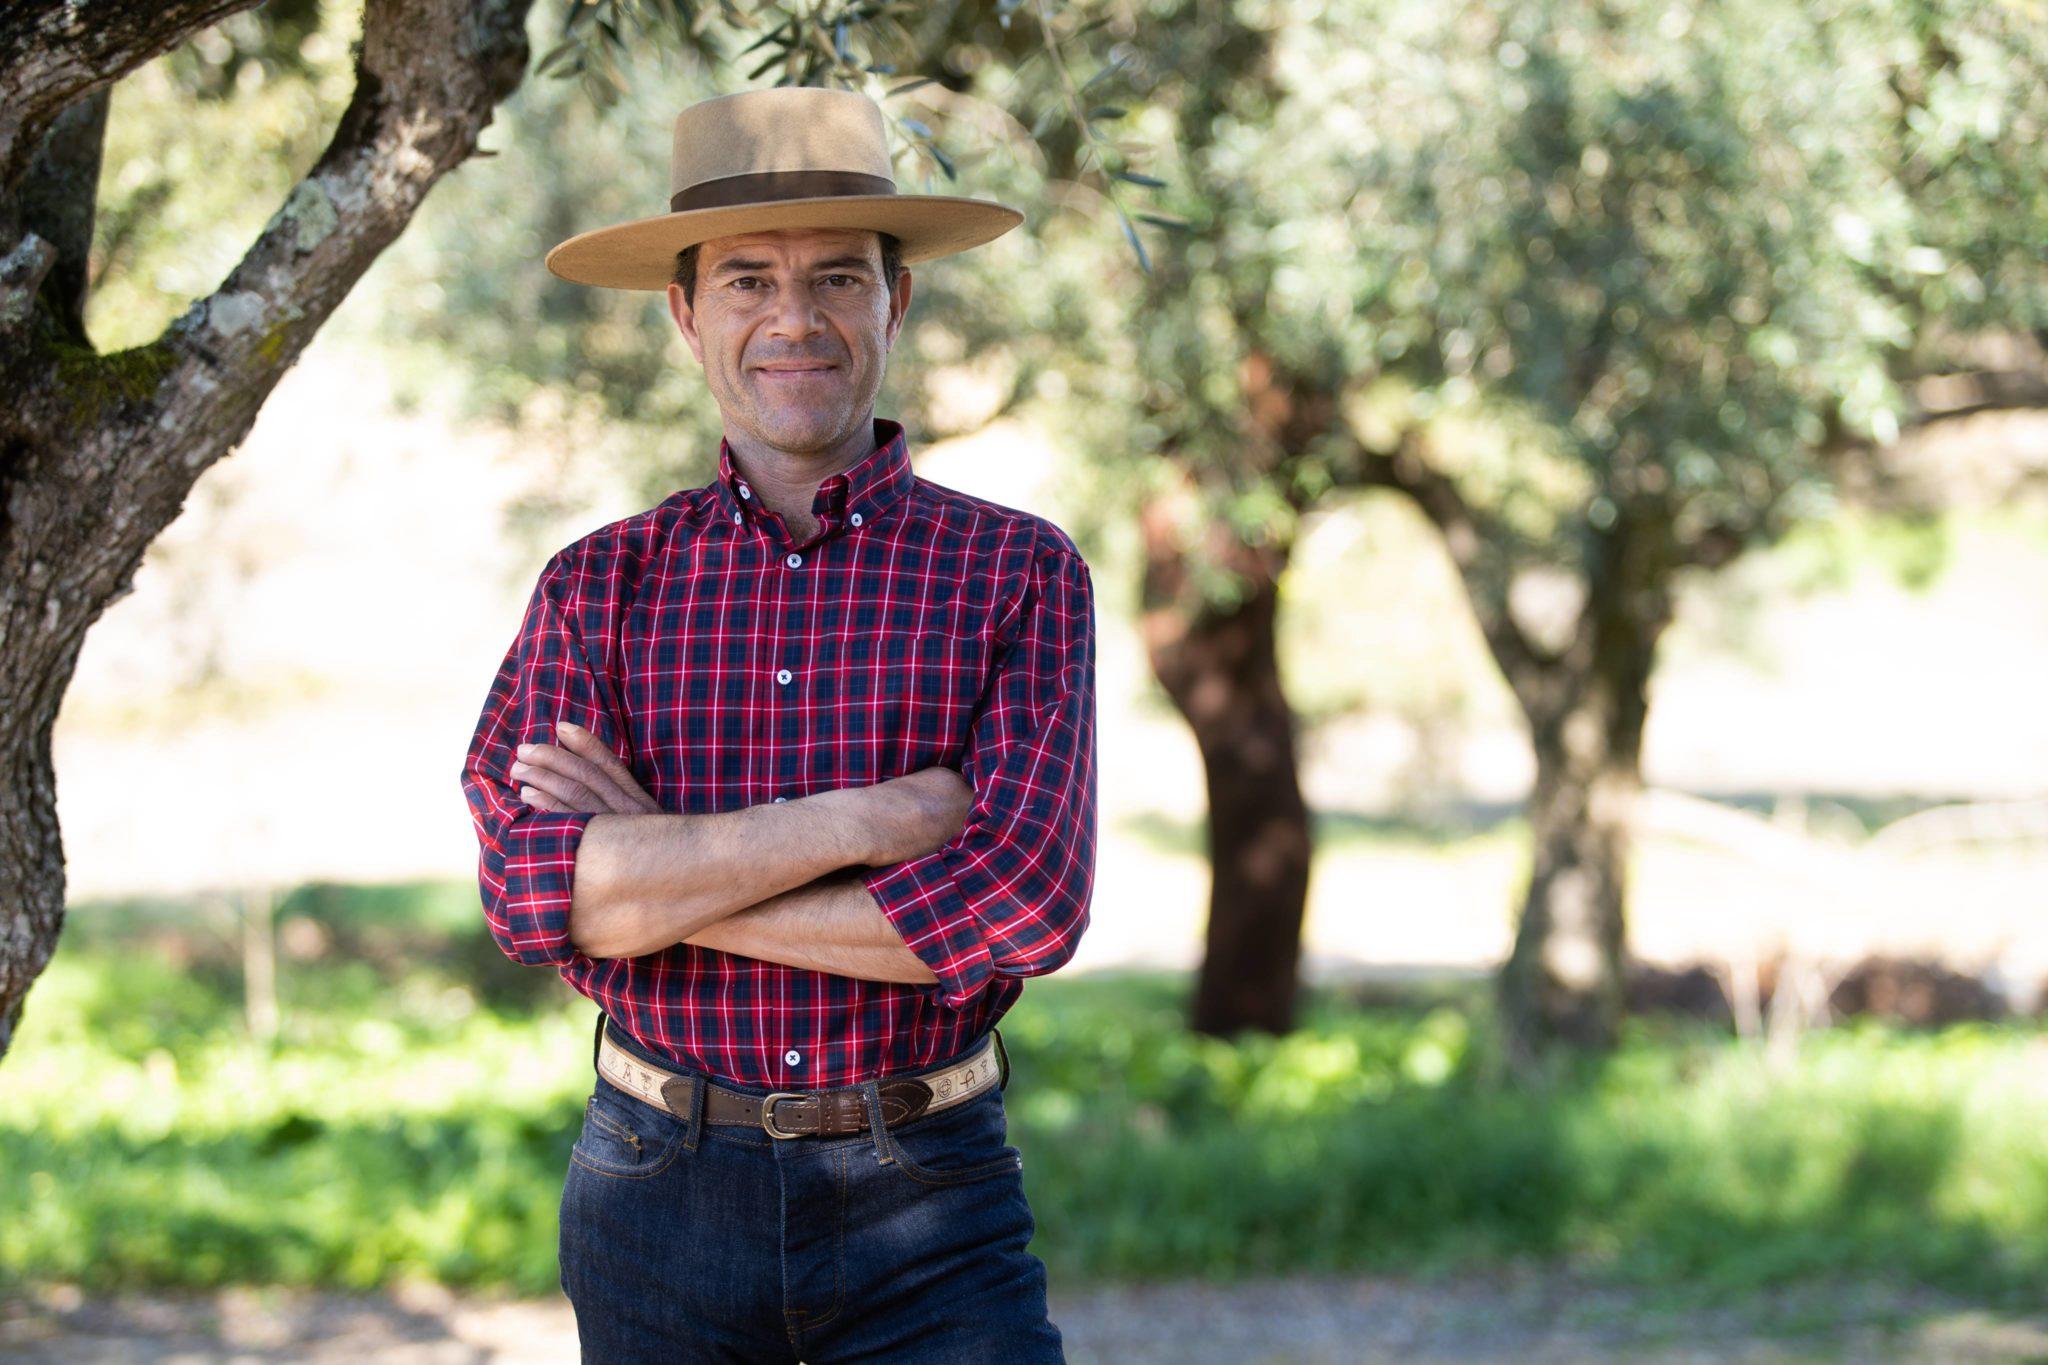 53211112 377025369555712 8420210760205991936 N Conheça Os 5 Concorrentes De 'Quem Quer Namorar Com O Agricultor?'